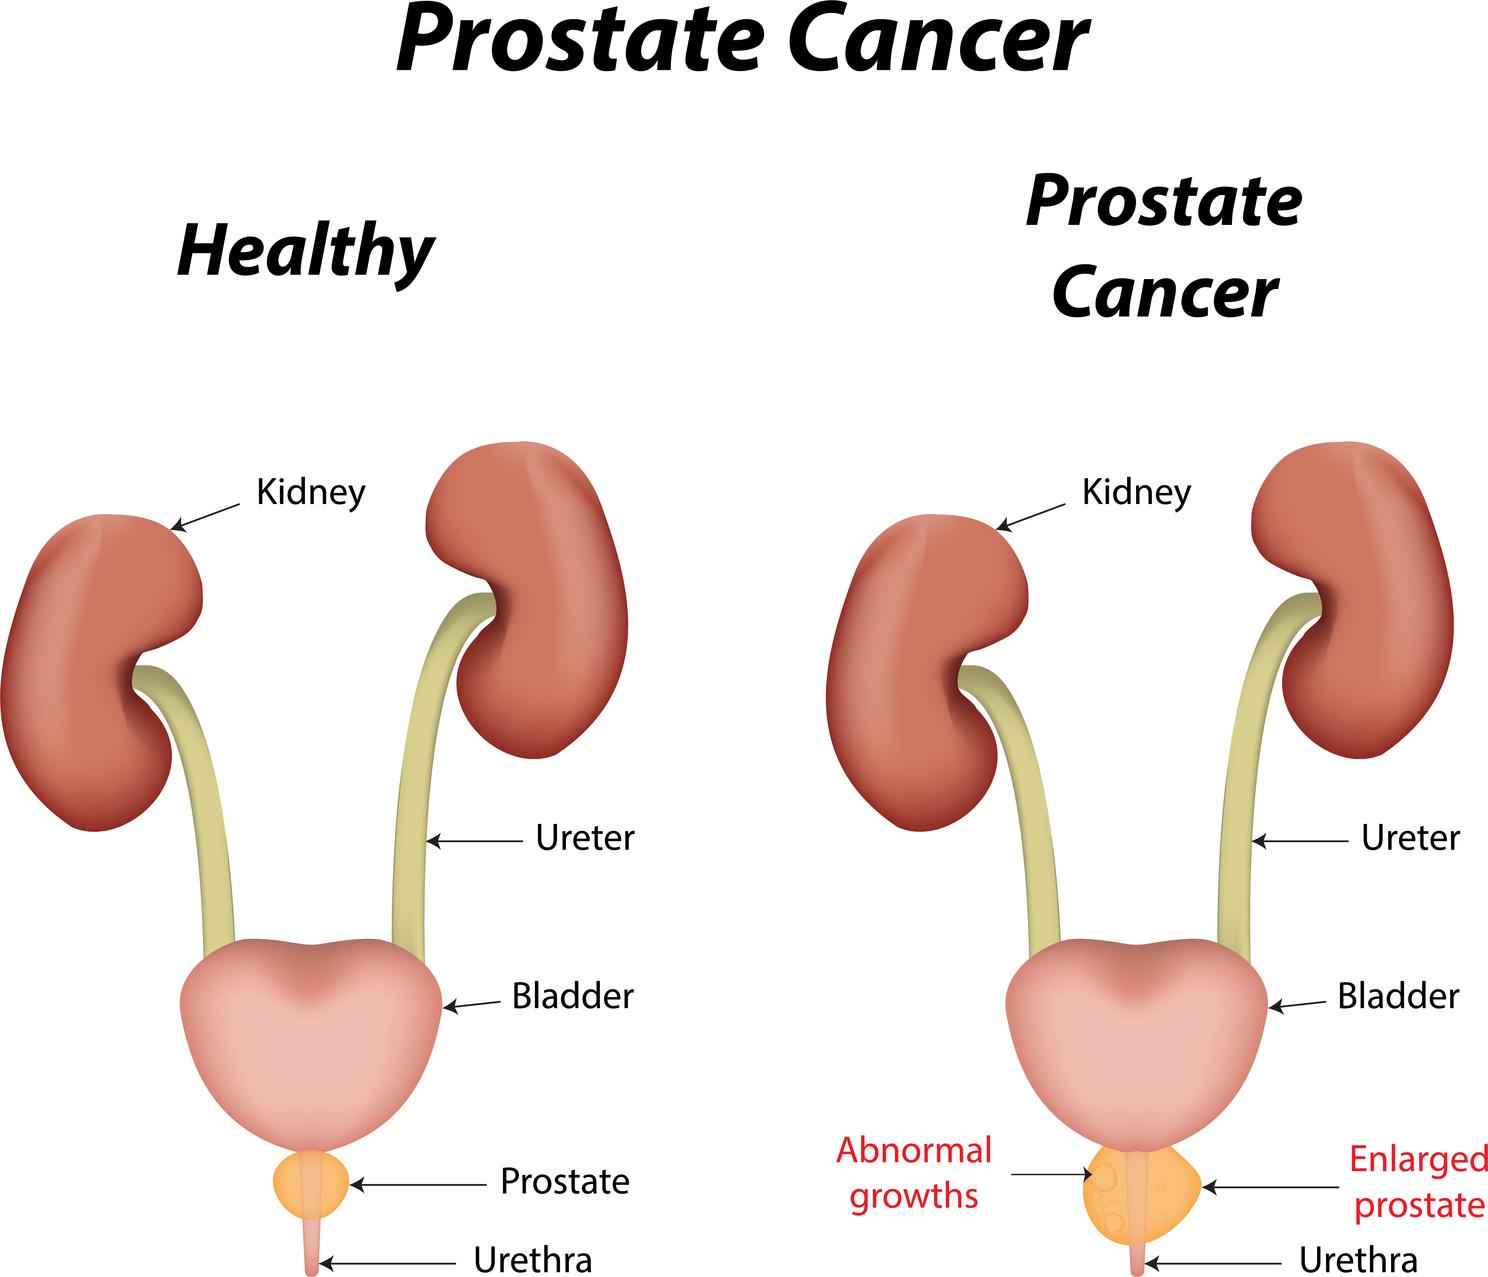 الفرق بين سرطان البروستاتا وتضخم البروستاتا مجلة رجيم